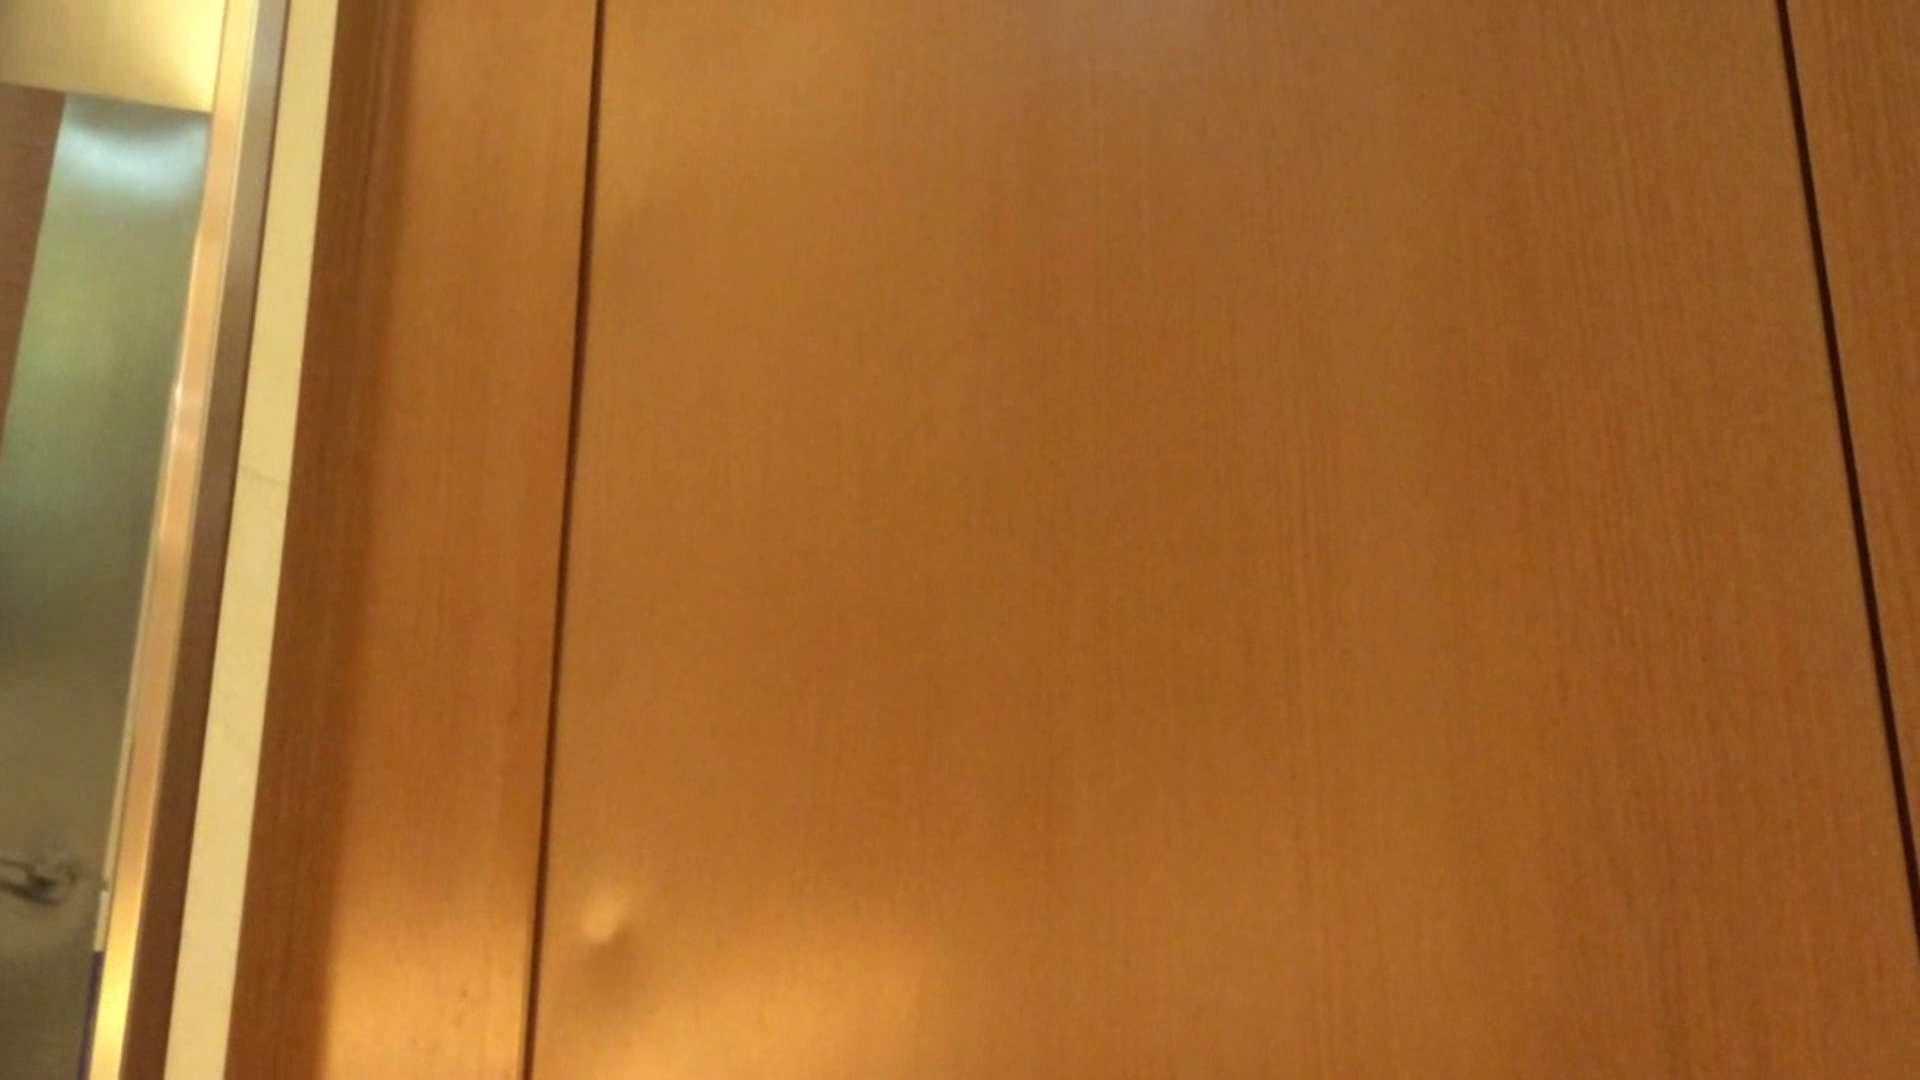 「噂」の国の厠観察日記2 Vol.05 厠   綺麗なOLたち  79枚 19